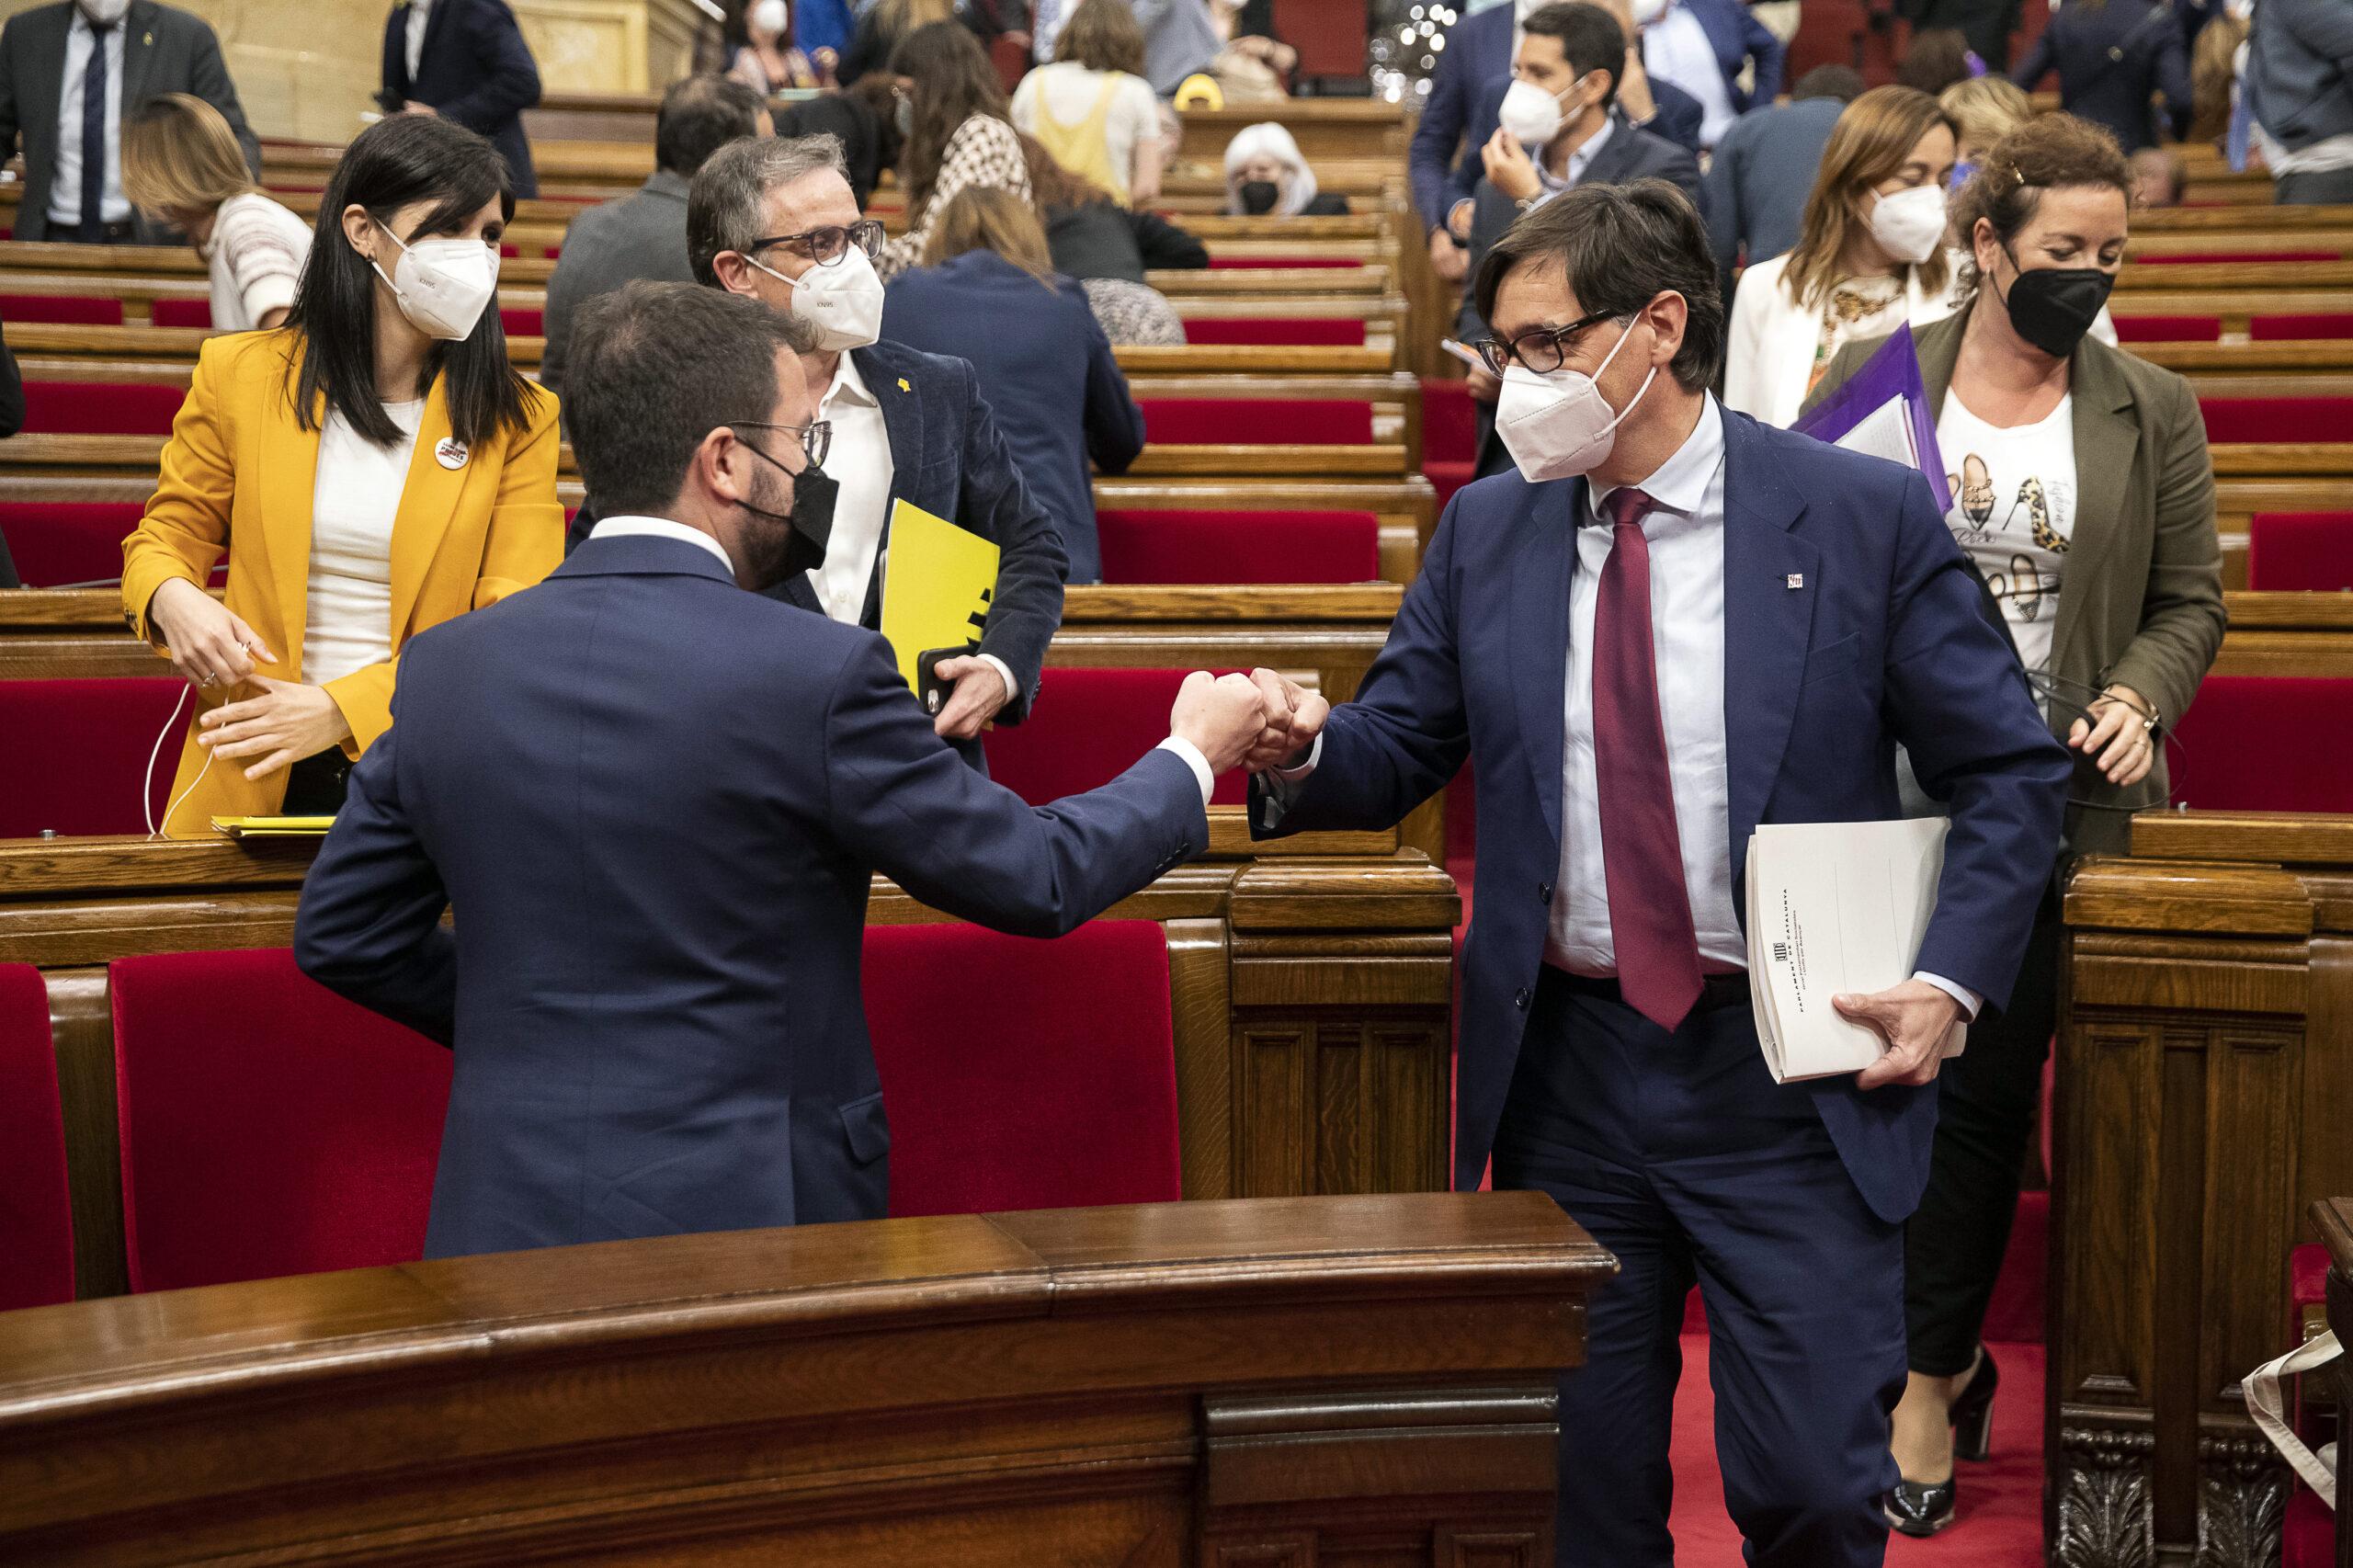 Pere Aragonès i Salvador Illa al debat d'investidura de Pere Aragonès com a President de la Generalitat al Parlament de Catalunya. ACN/Jordi Play